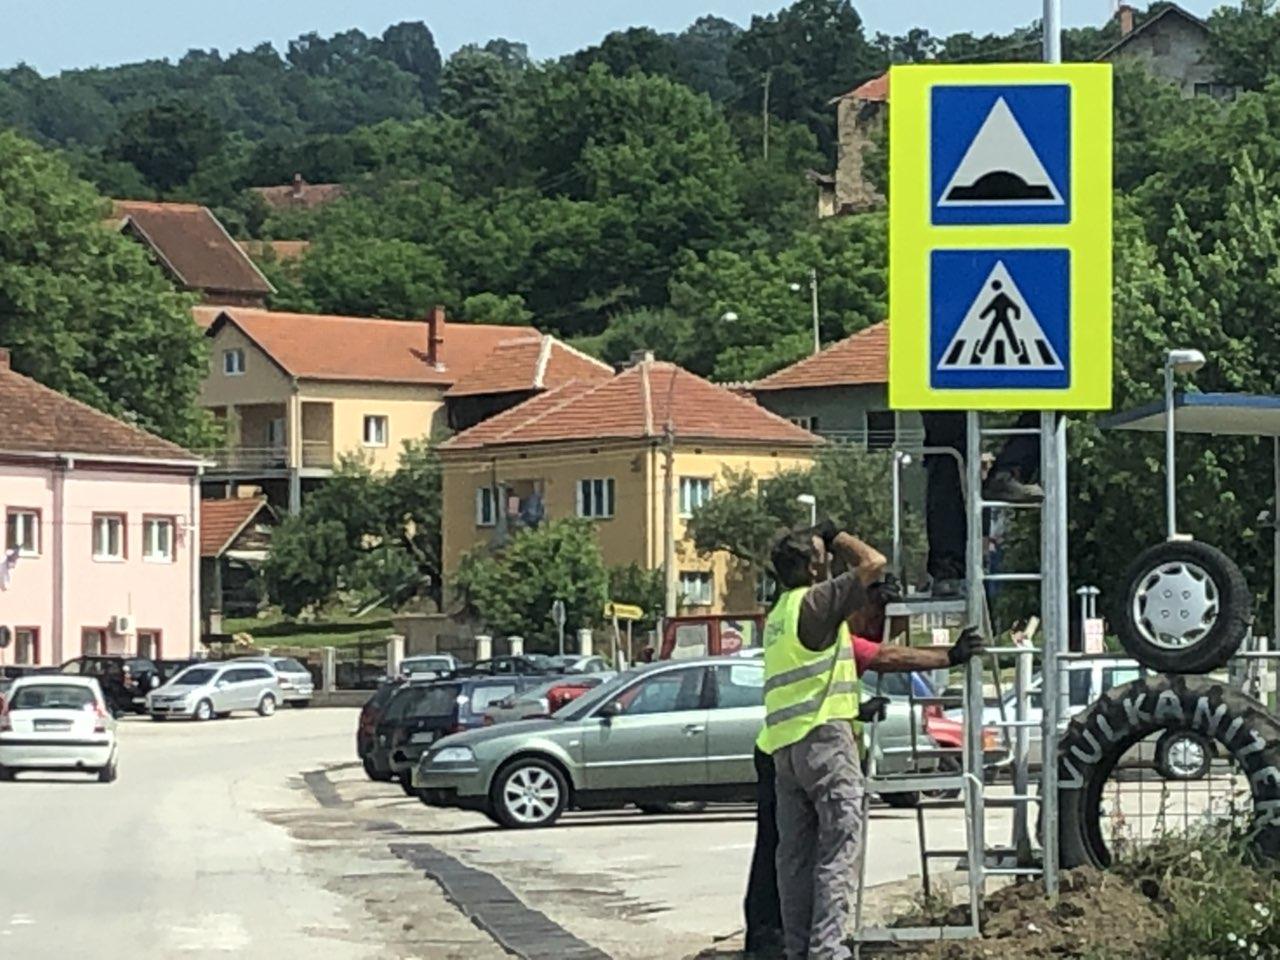 Saobraćajni znakovi, foto: M.M.